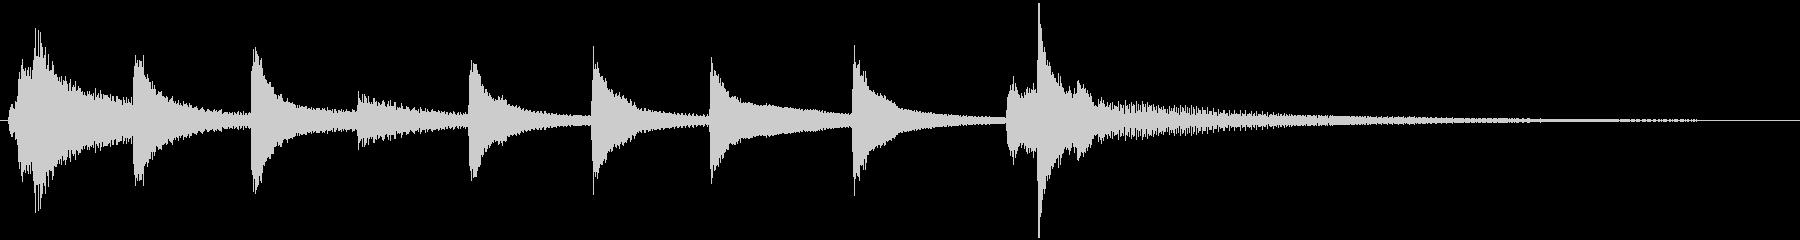 琴の和風ジングル5の未再生の波形